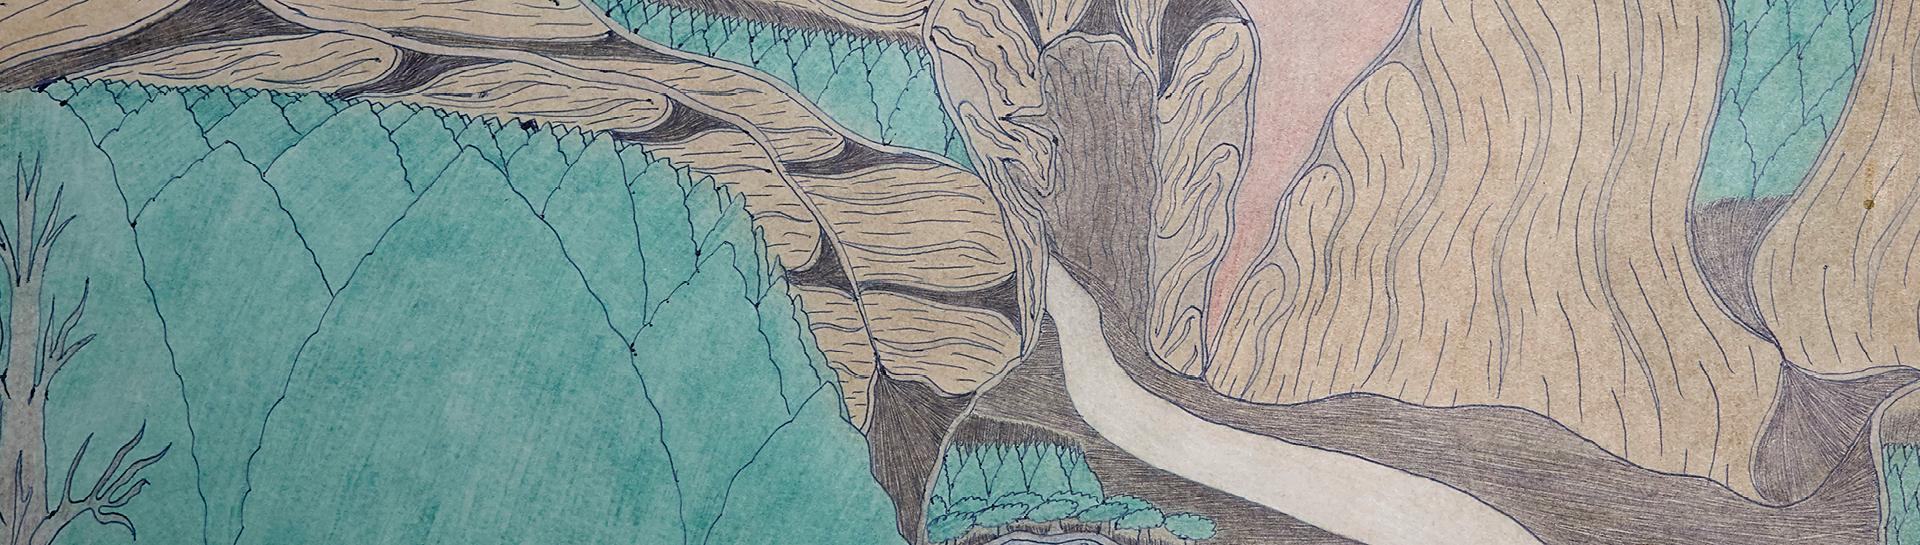 Detail of work by Joseph Yoakum